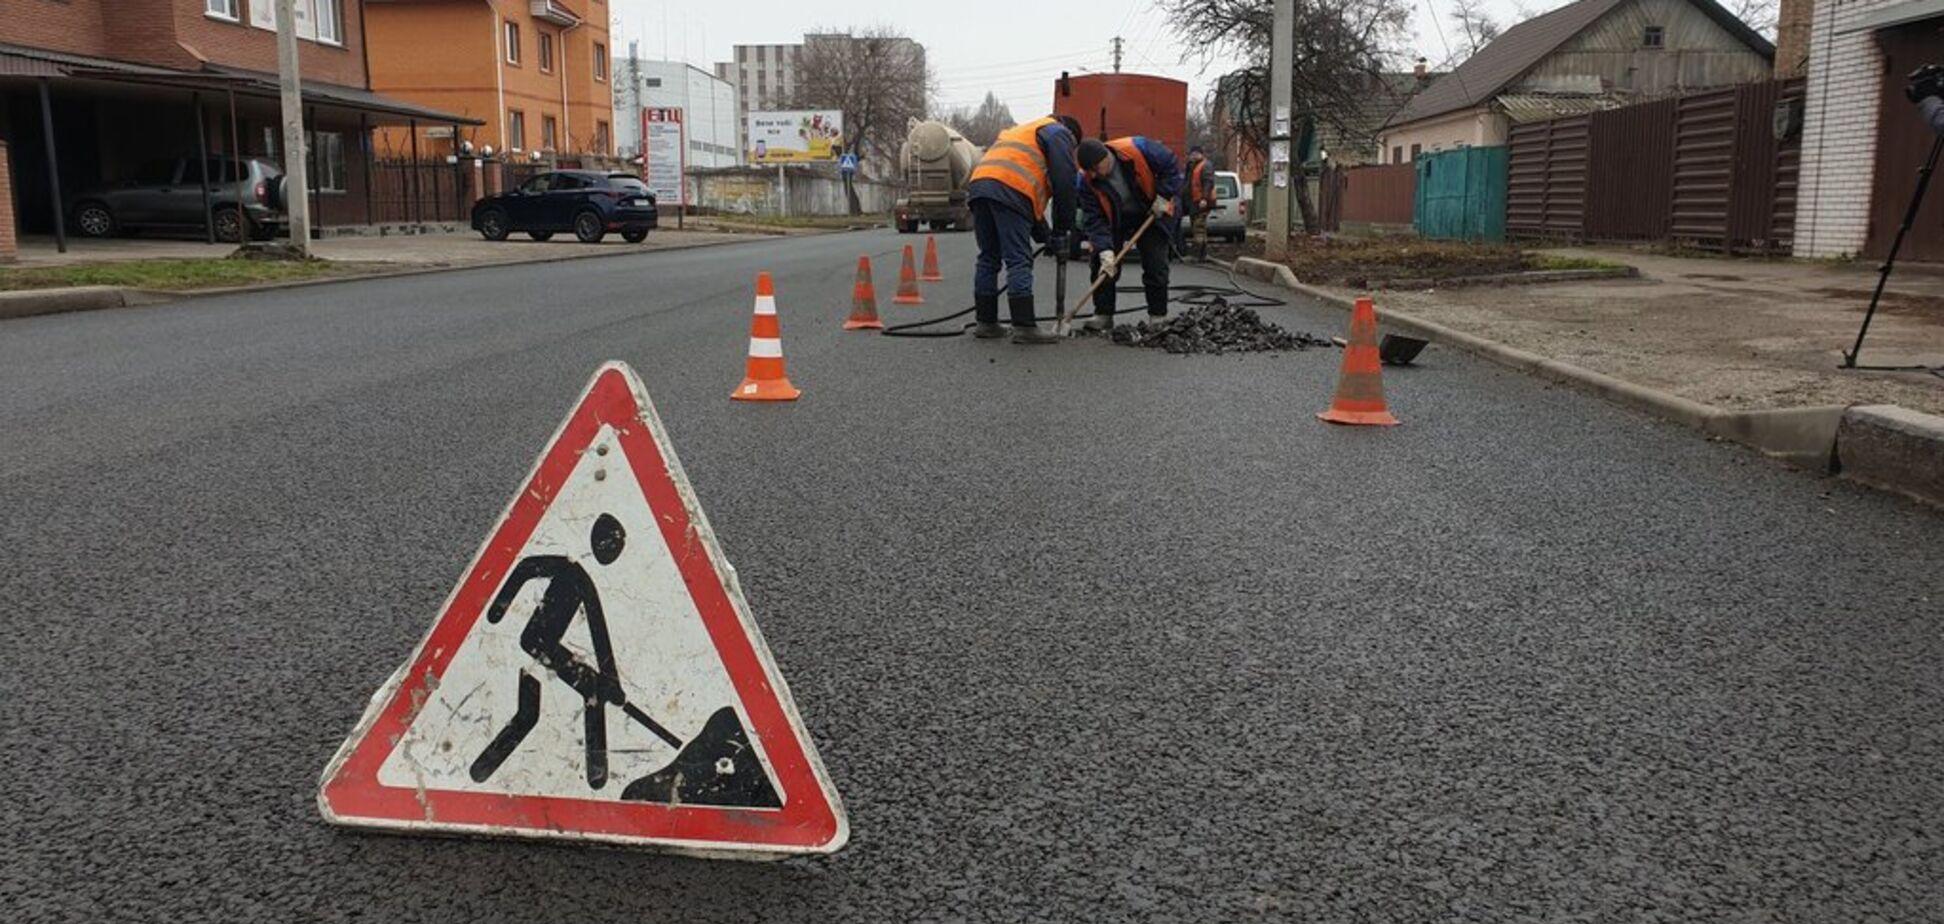 В Черкассах дорожники закатали в асфальт десятки люков: теперь дорогу уничтожают. Видео